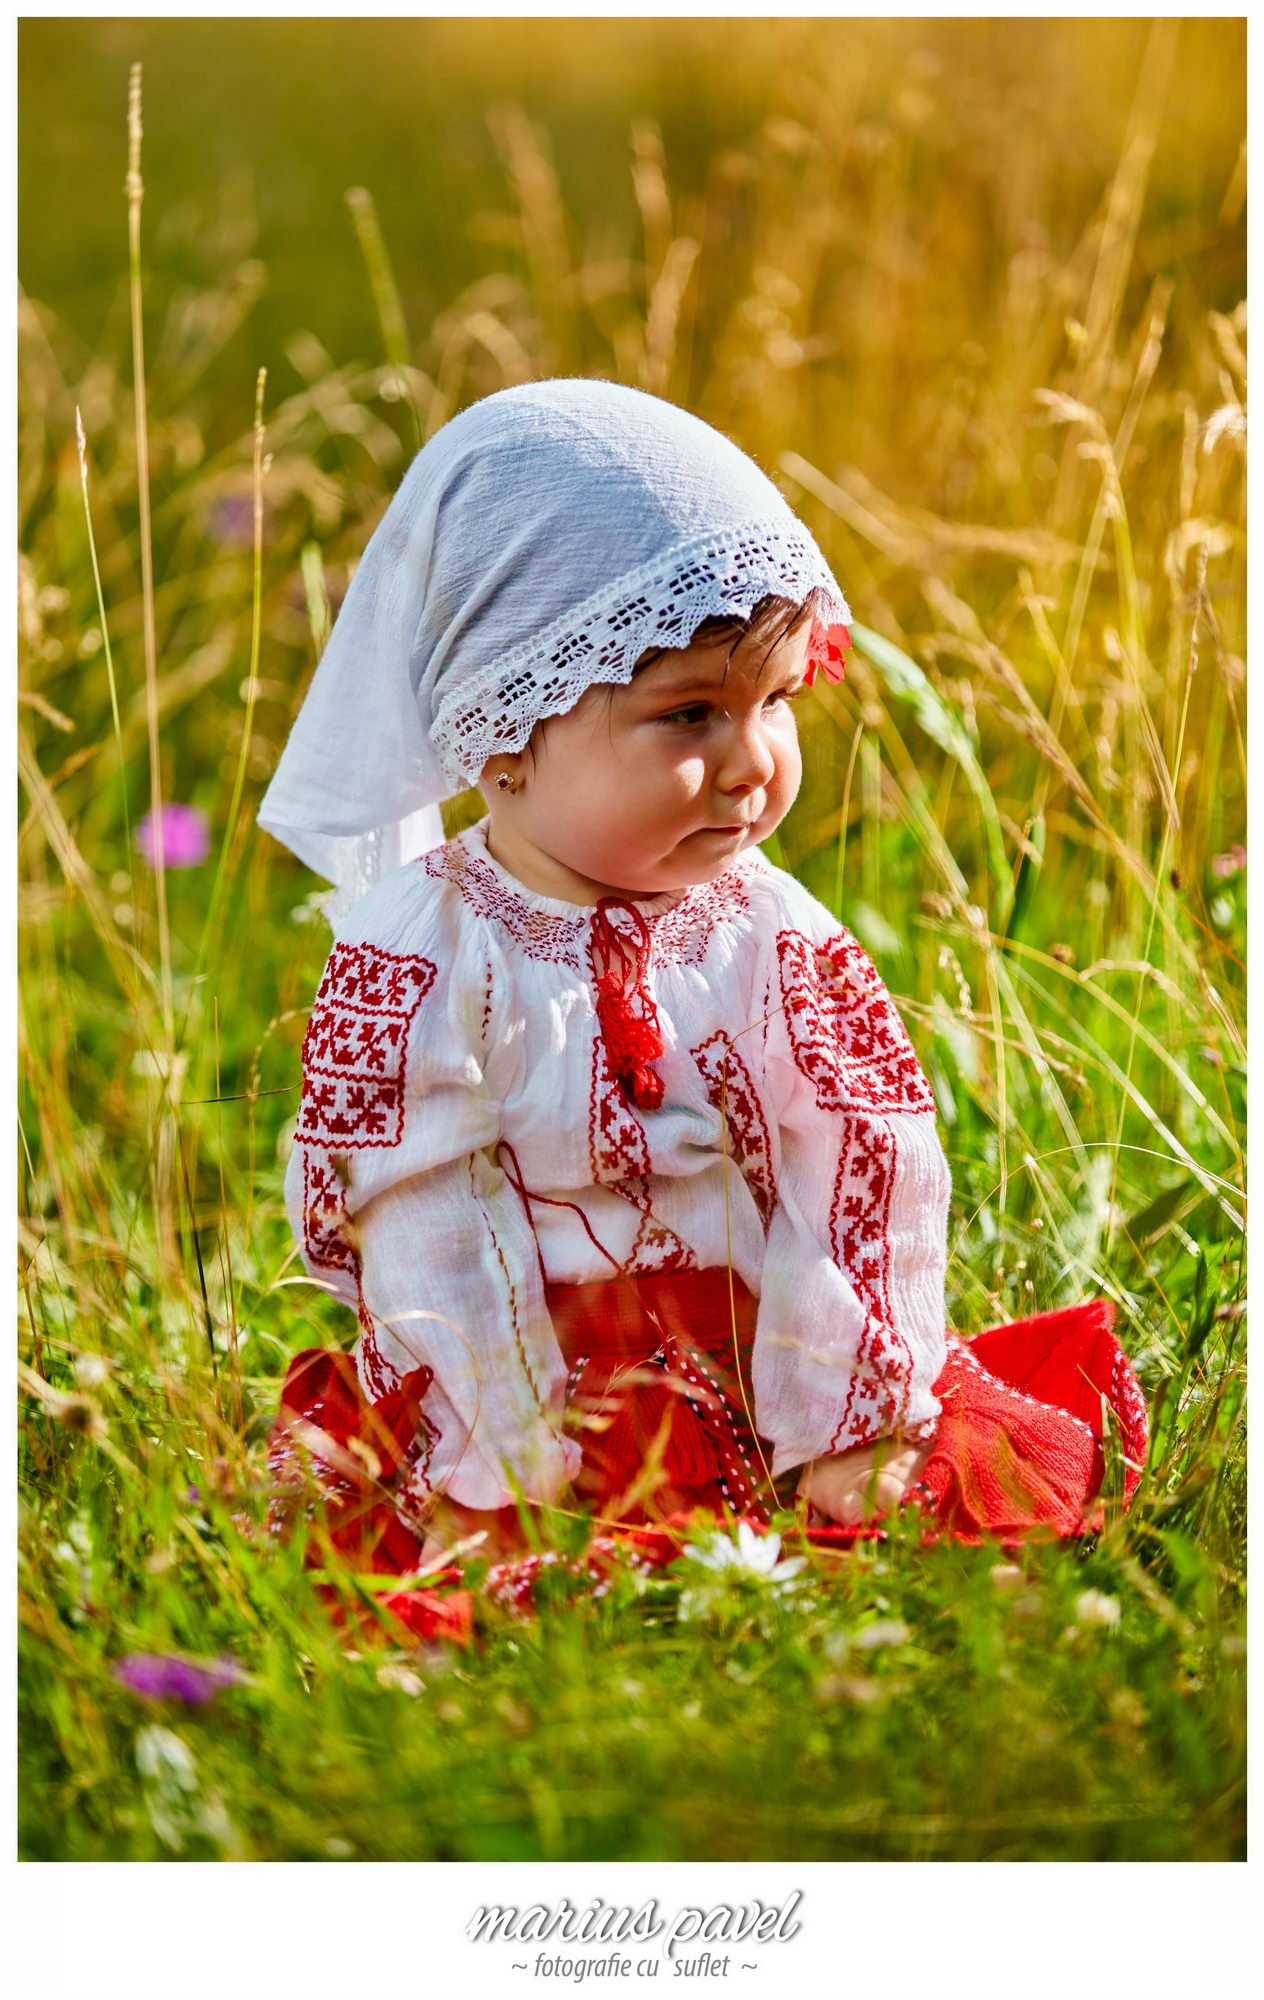 Fotografii costum popular romanesc